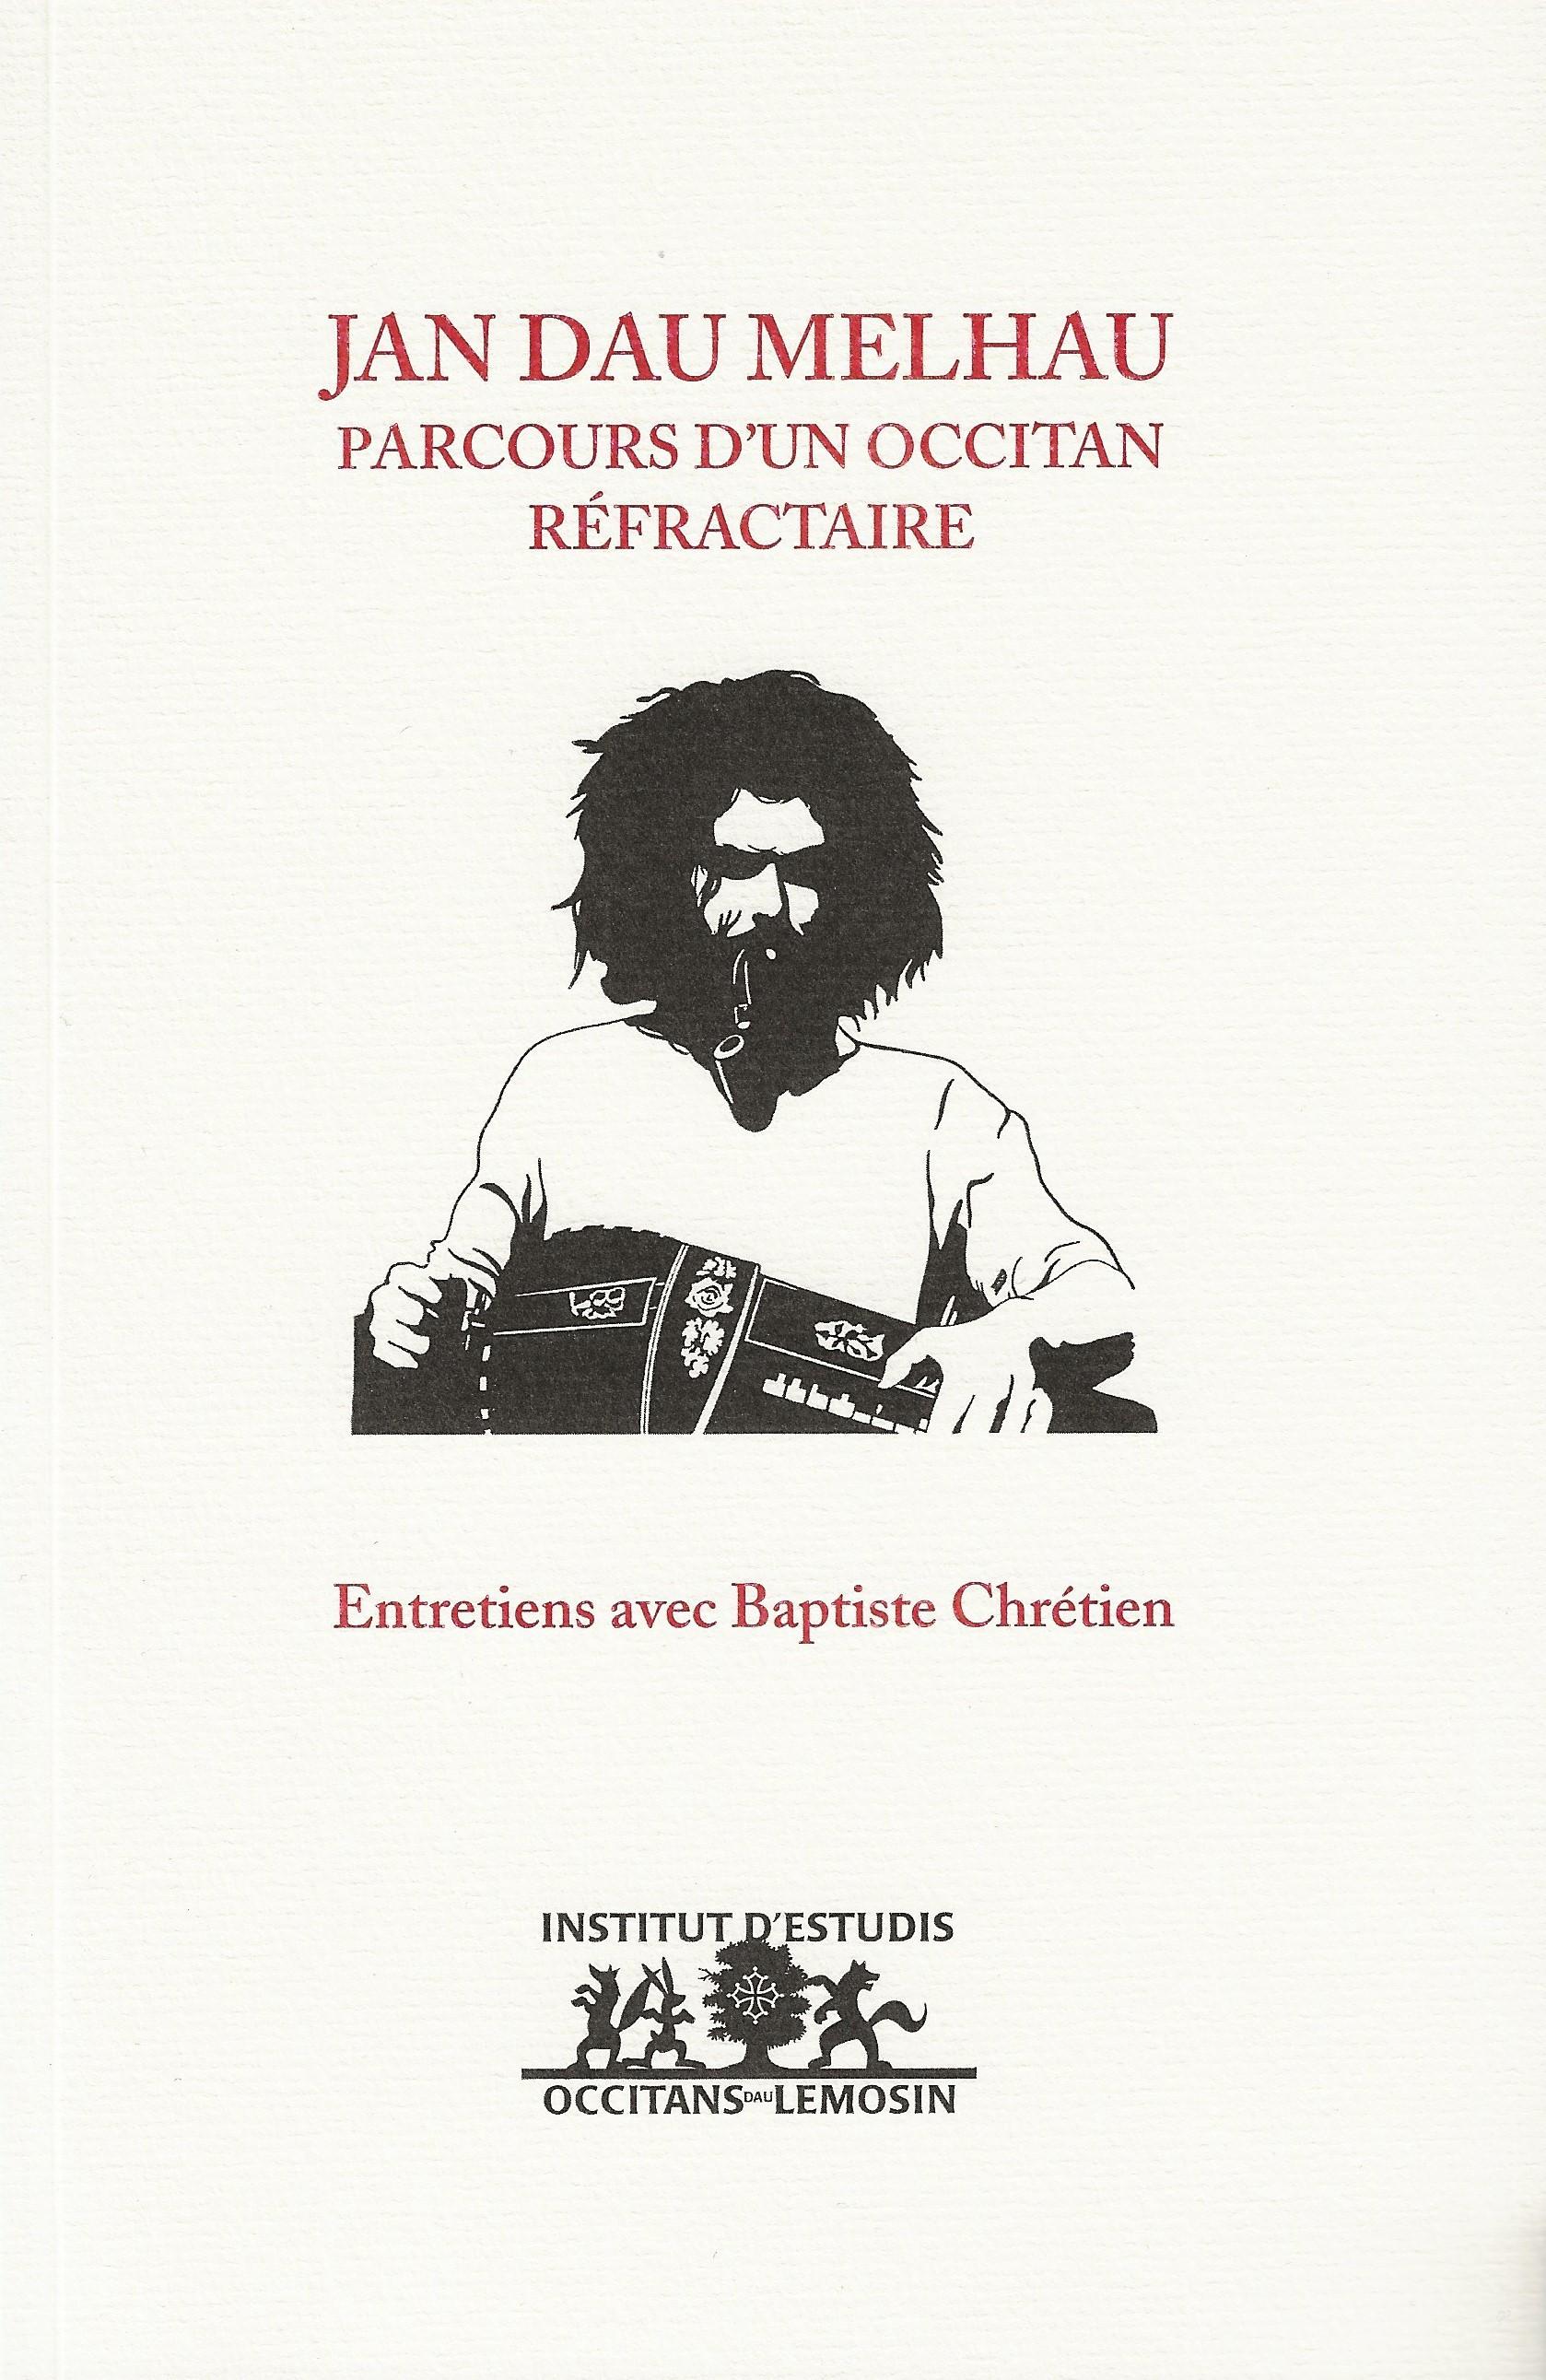 JAN DAU MELHAU, PARCOURS D'UN OCCITAN REFRACTAIRE : ENTRETIENS AVEC BAPTISTE CHRETIEN